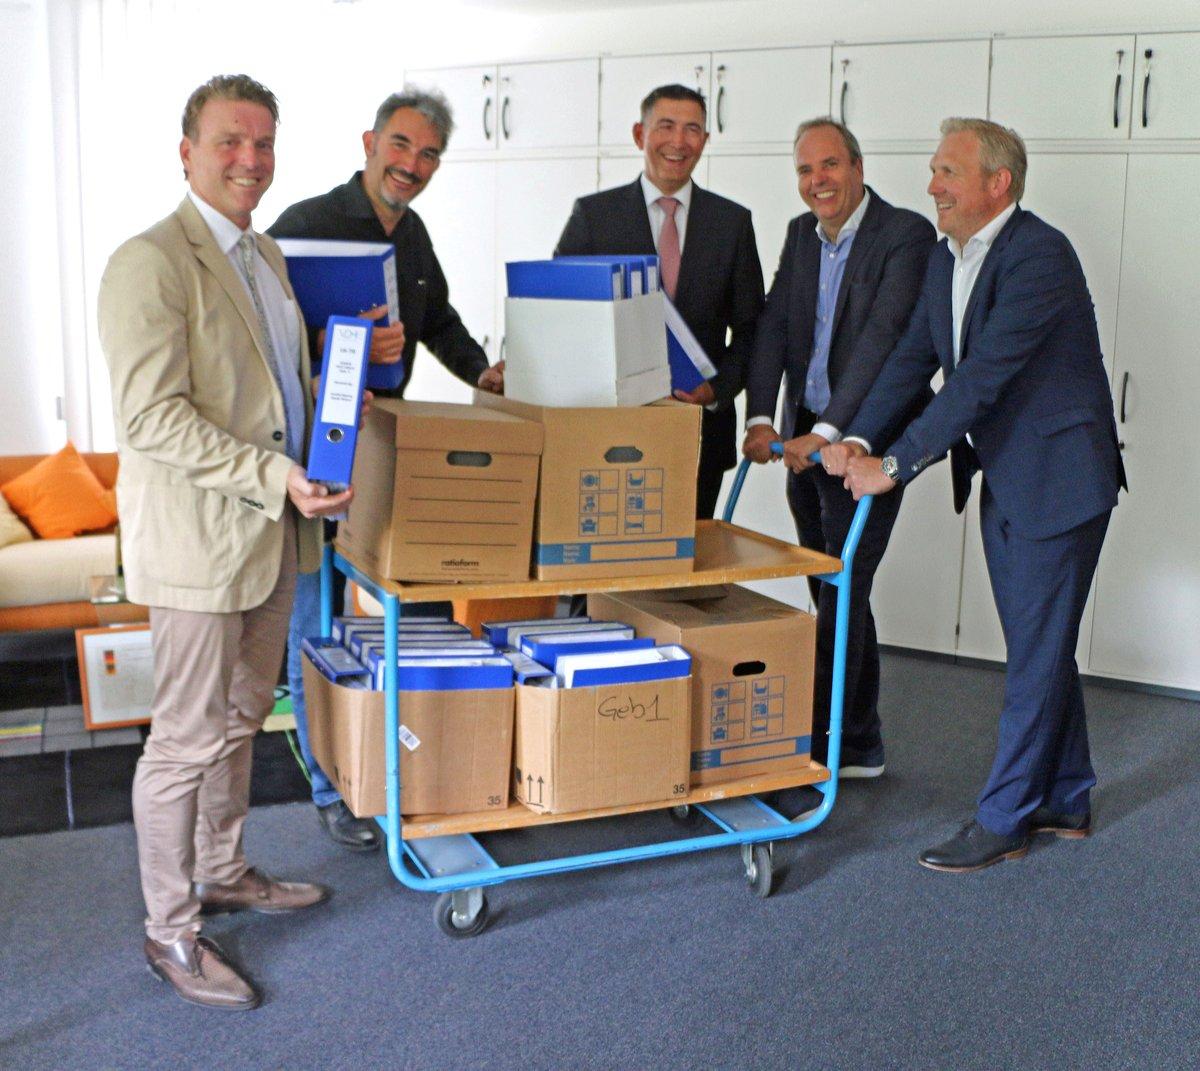 Bauantrag Für Neue Verwaltung Edeka Rhein Ruhr Gestellt Moers